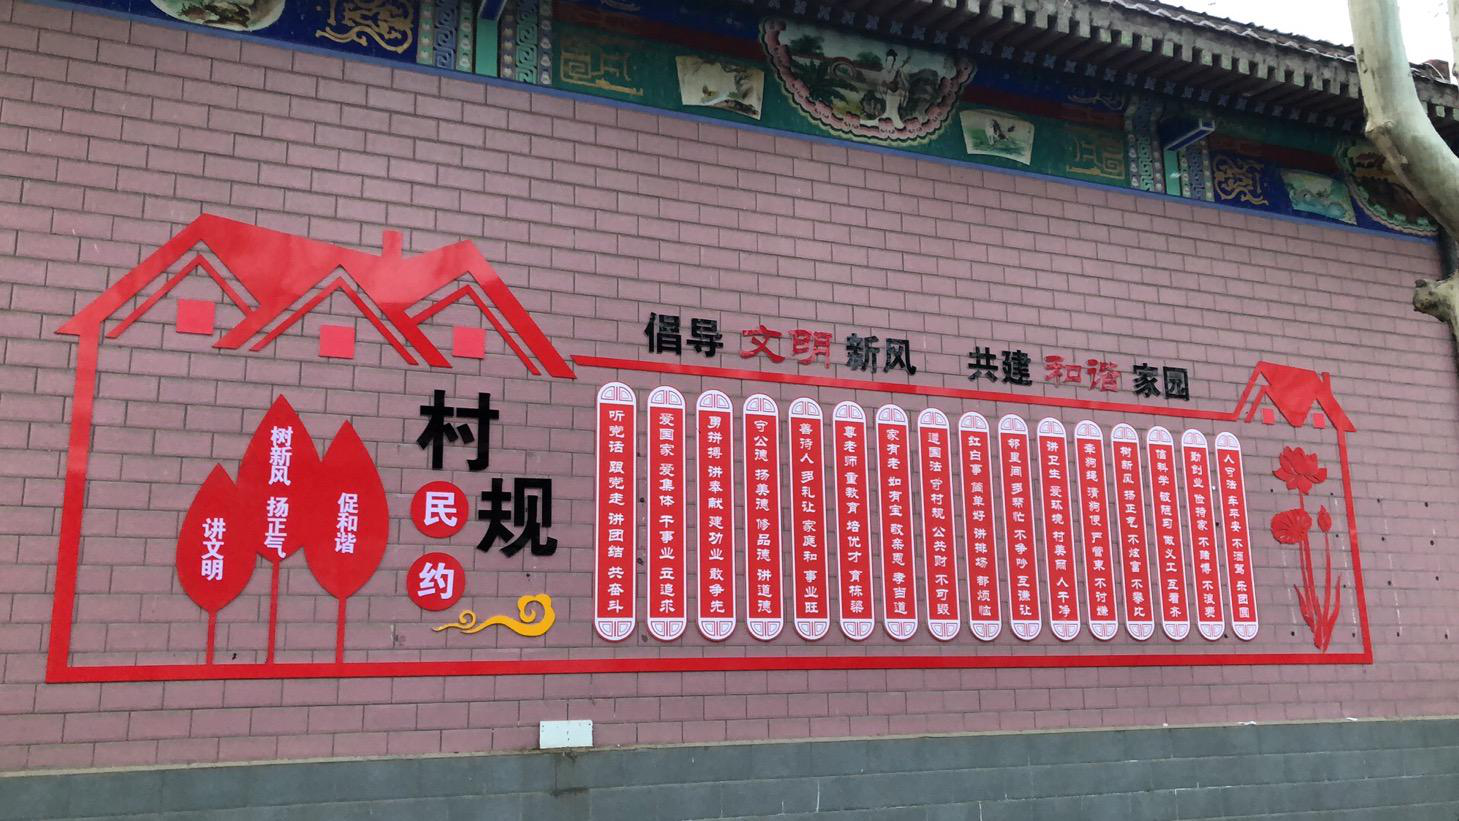 石家庄村委会党建文化墙 博采广告曲寨村案例